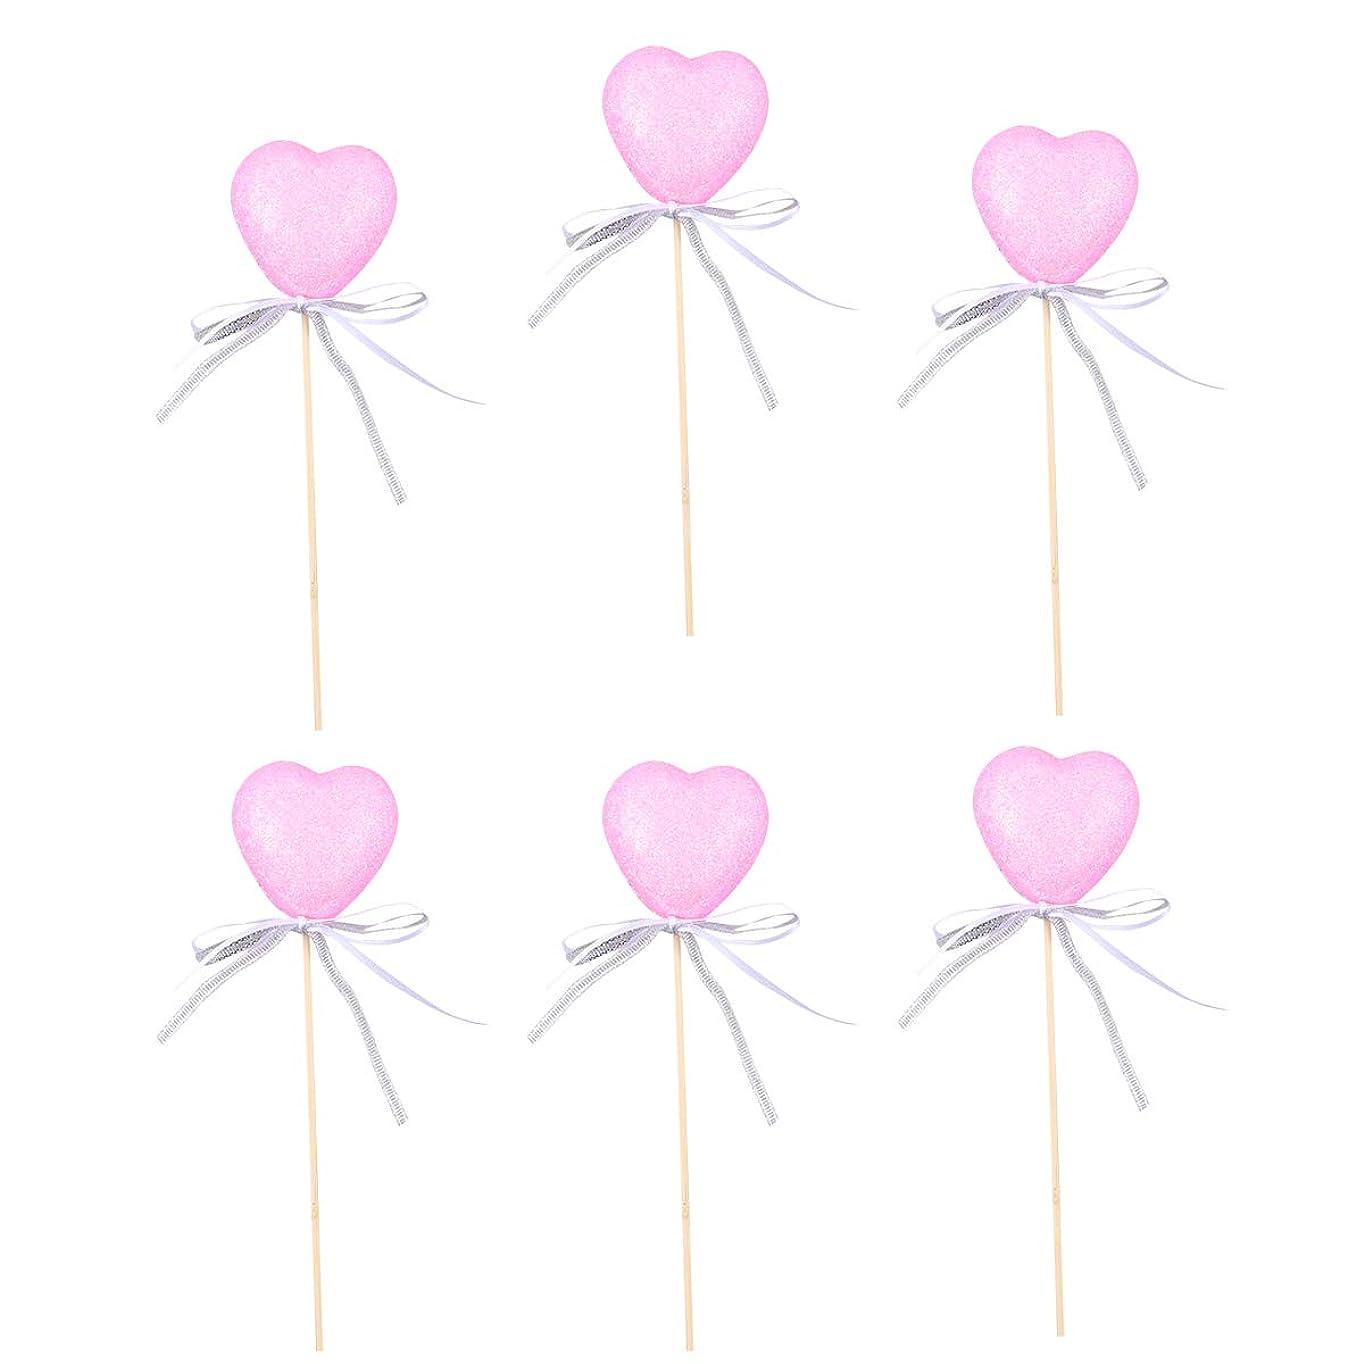 オセアニアに応じて苦しみ6ピースバレンタインパーティーケーキトッパー光沢のあるハートカップケーキ挿入クリエイティブケーキ飾るフルーツピックパーティーの好意(ピンク) バレンタインの飾り